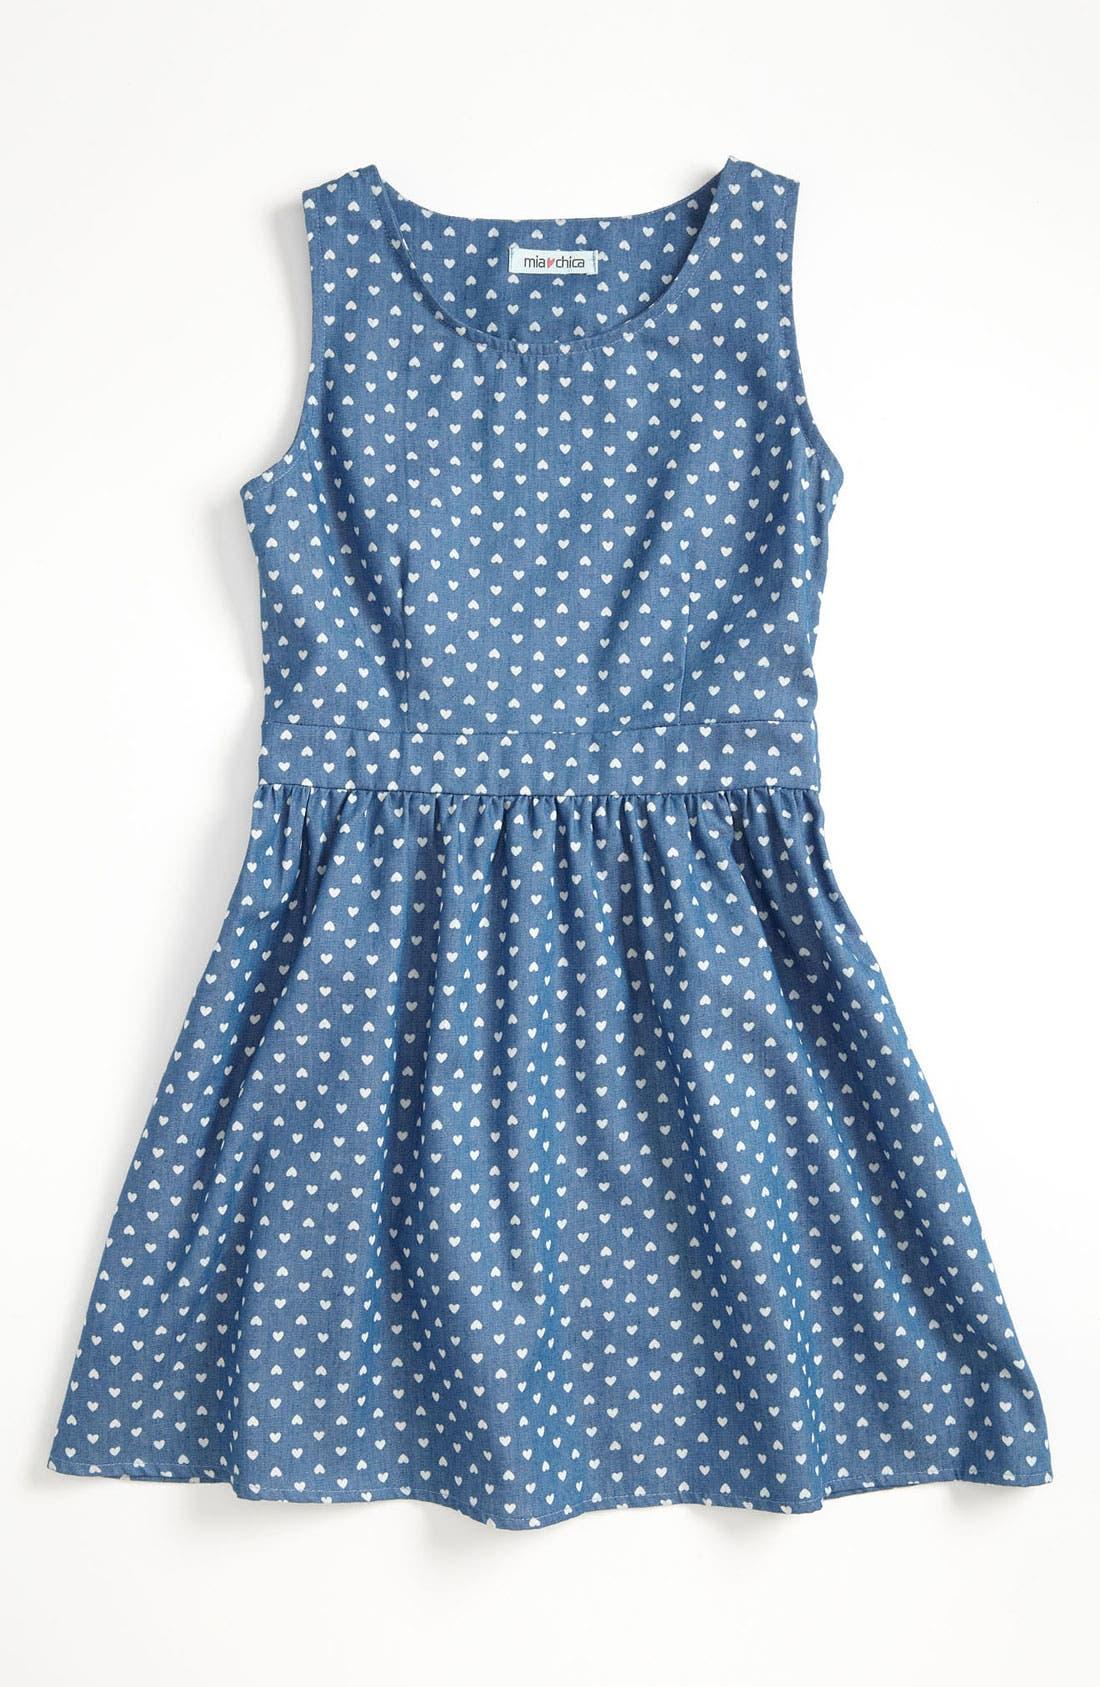 Main Image - Mia Chica Chambray Dress (Little Girls & Big Girls)